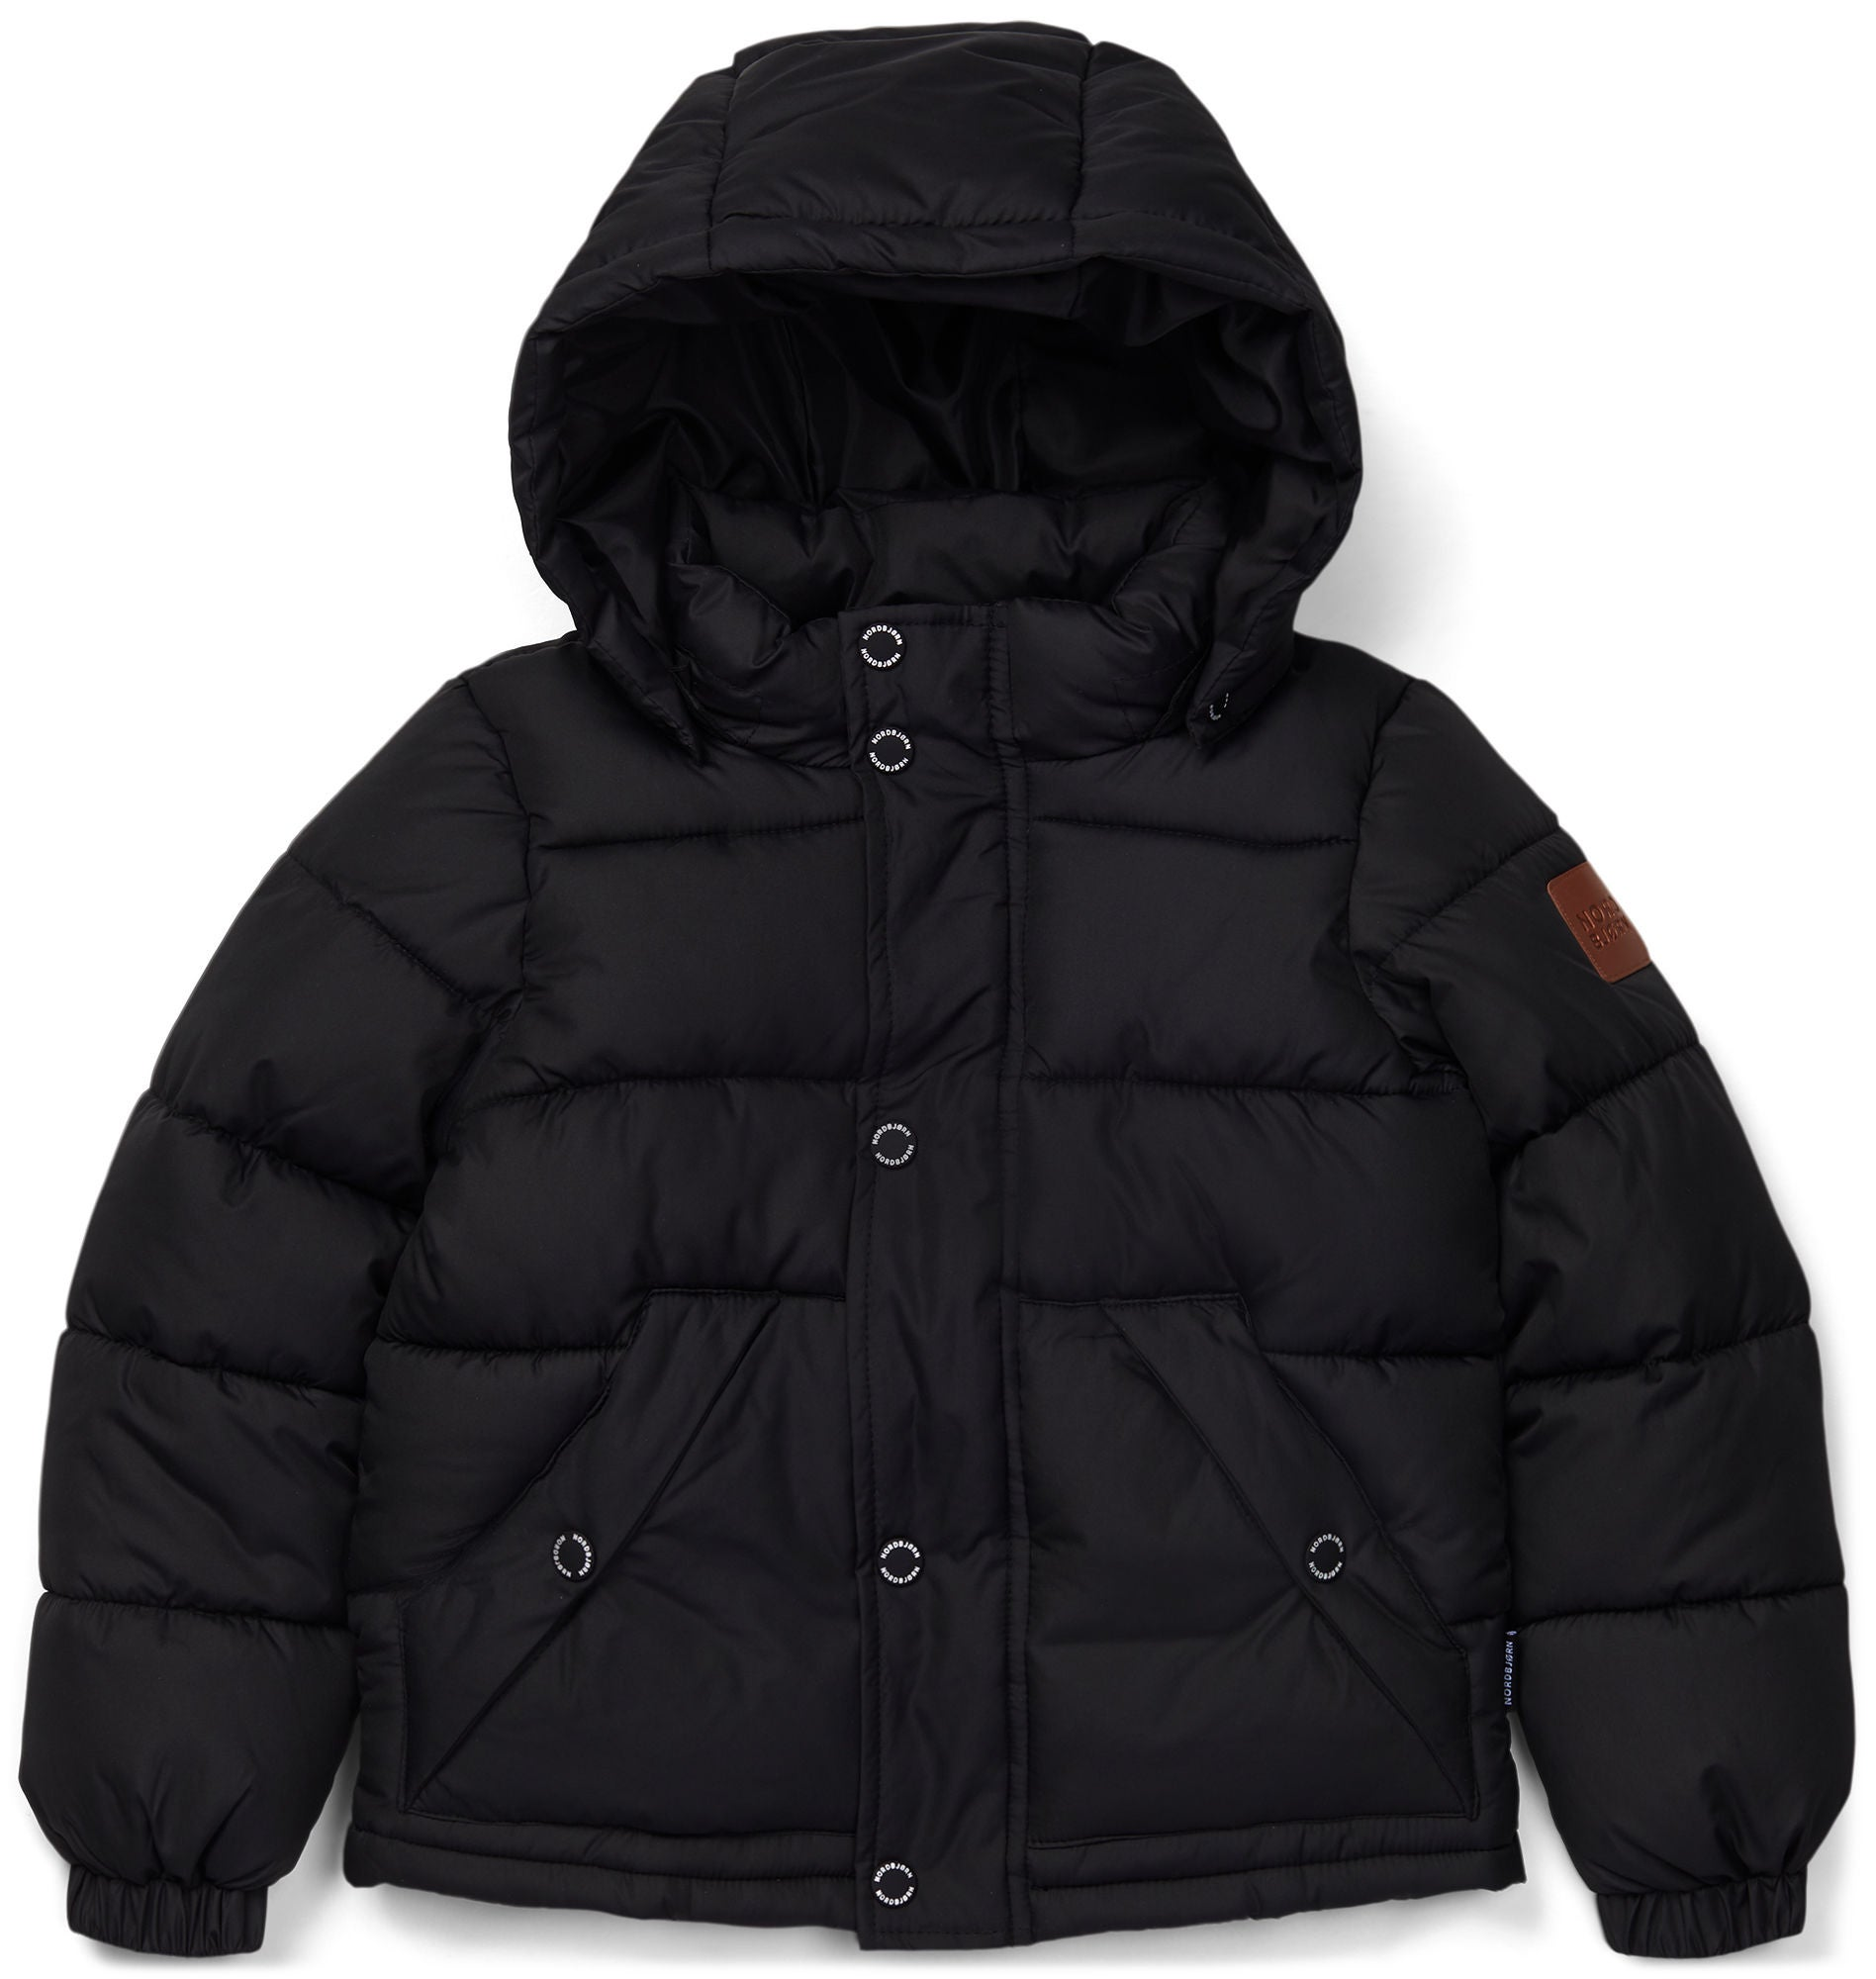 Nordbjörn Kalix Puffer Jacka, Black 120